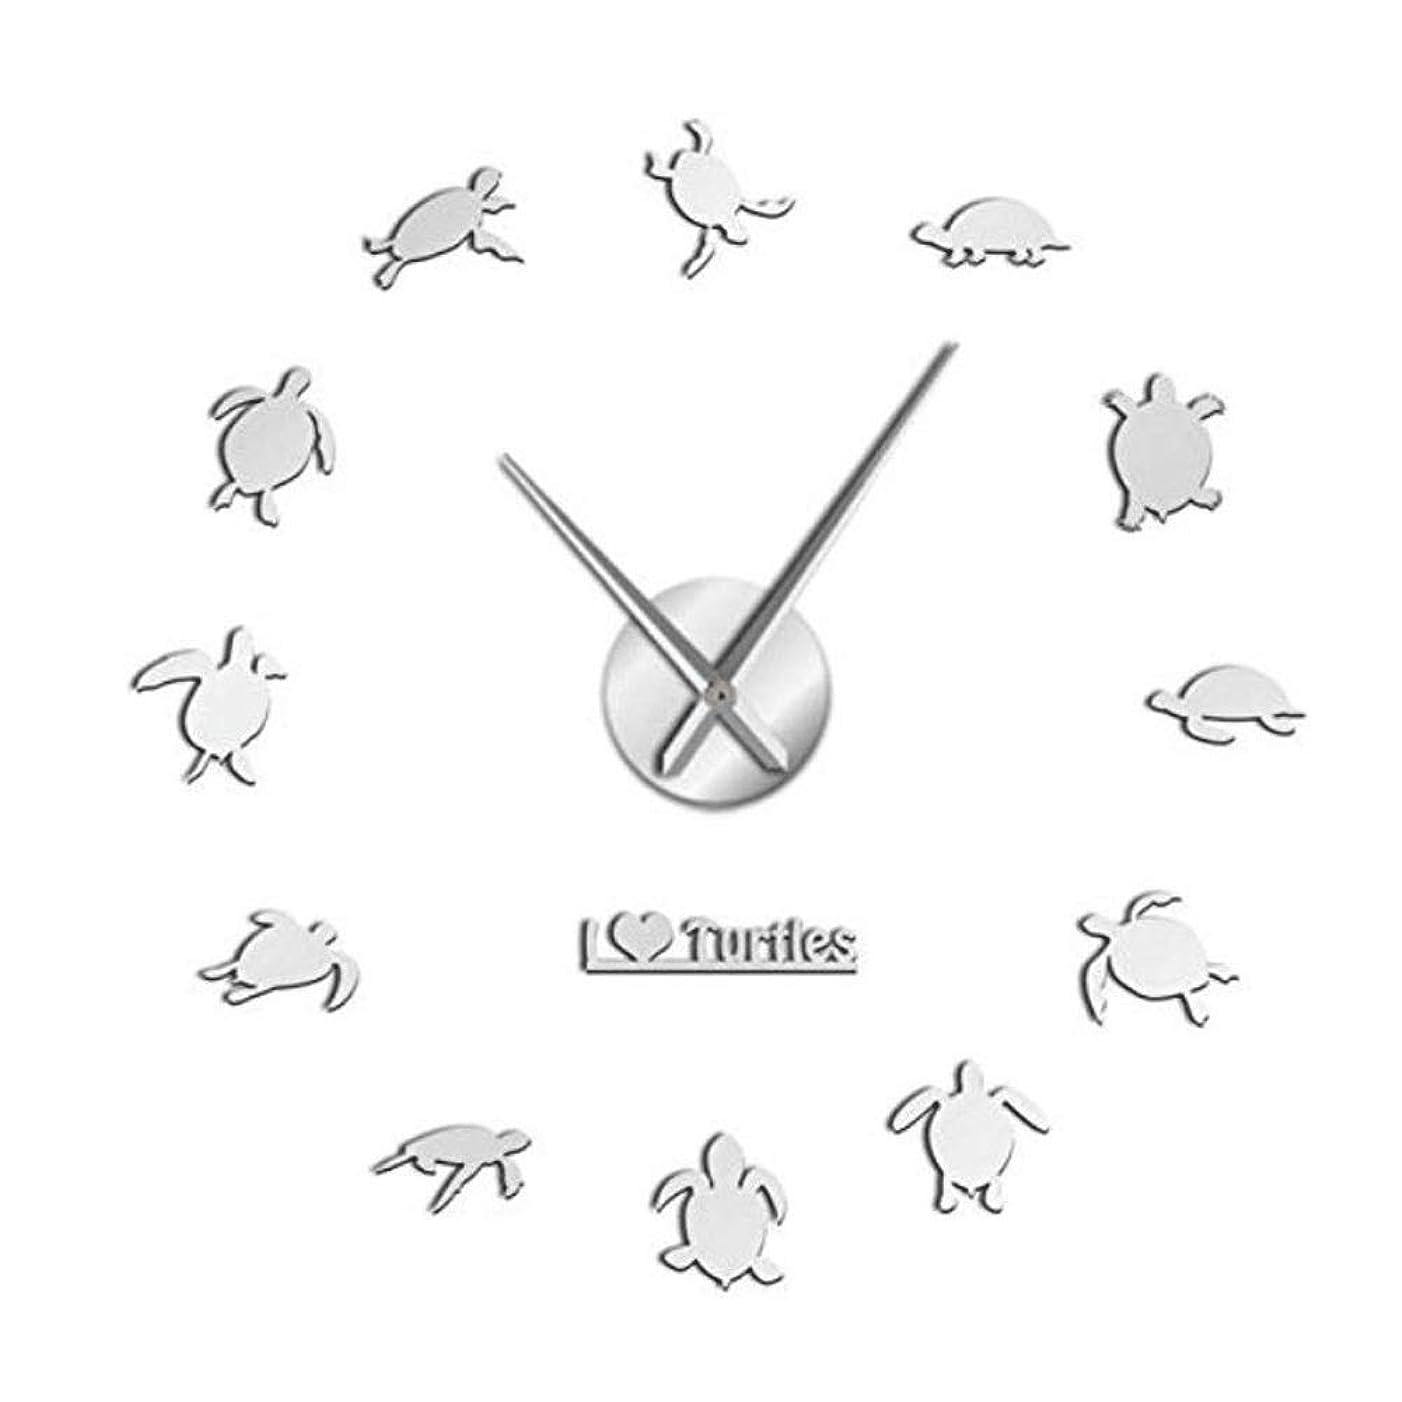 サーバ視力一貫性のない掛け時計 DIYウォールクロックラウンド装飾時計アクリルリビングルームクォーツ時計 装飾時計 リビングルームのベッドルーム チャン?ミンM (Color : Silver)